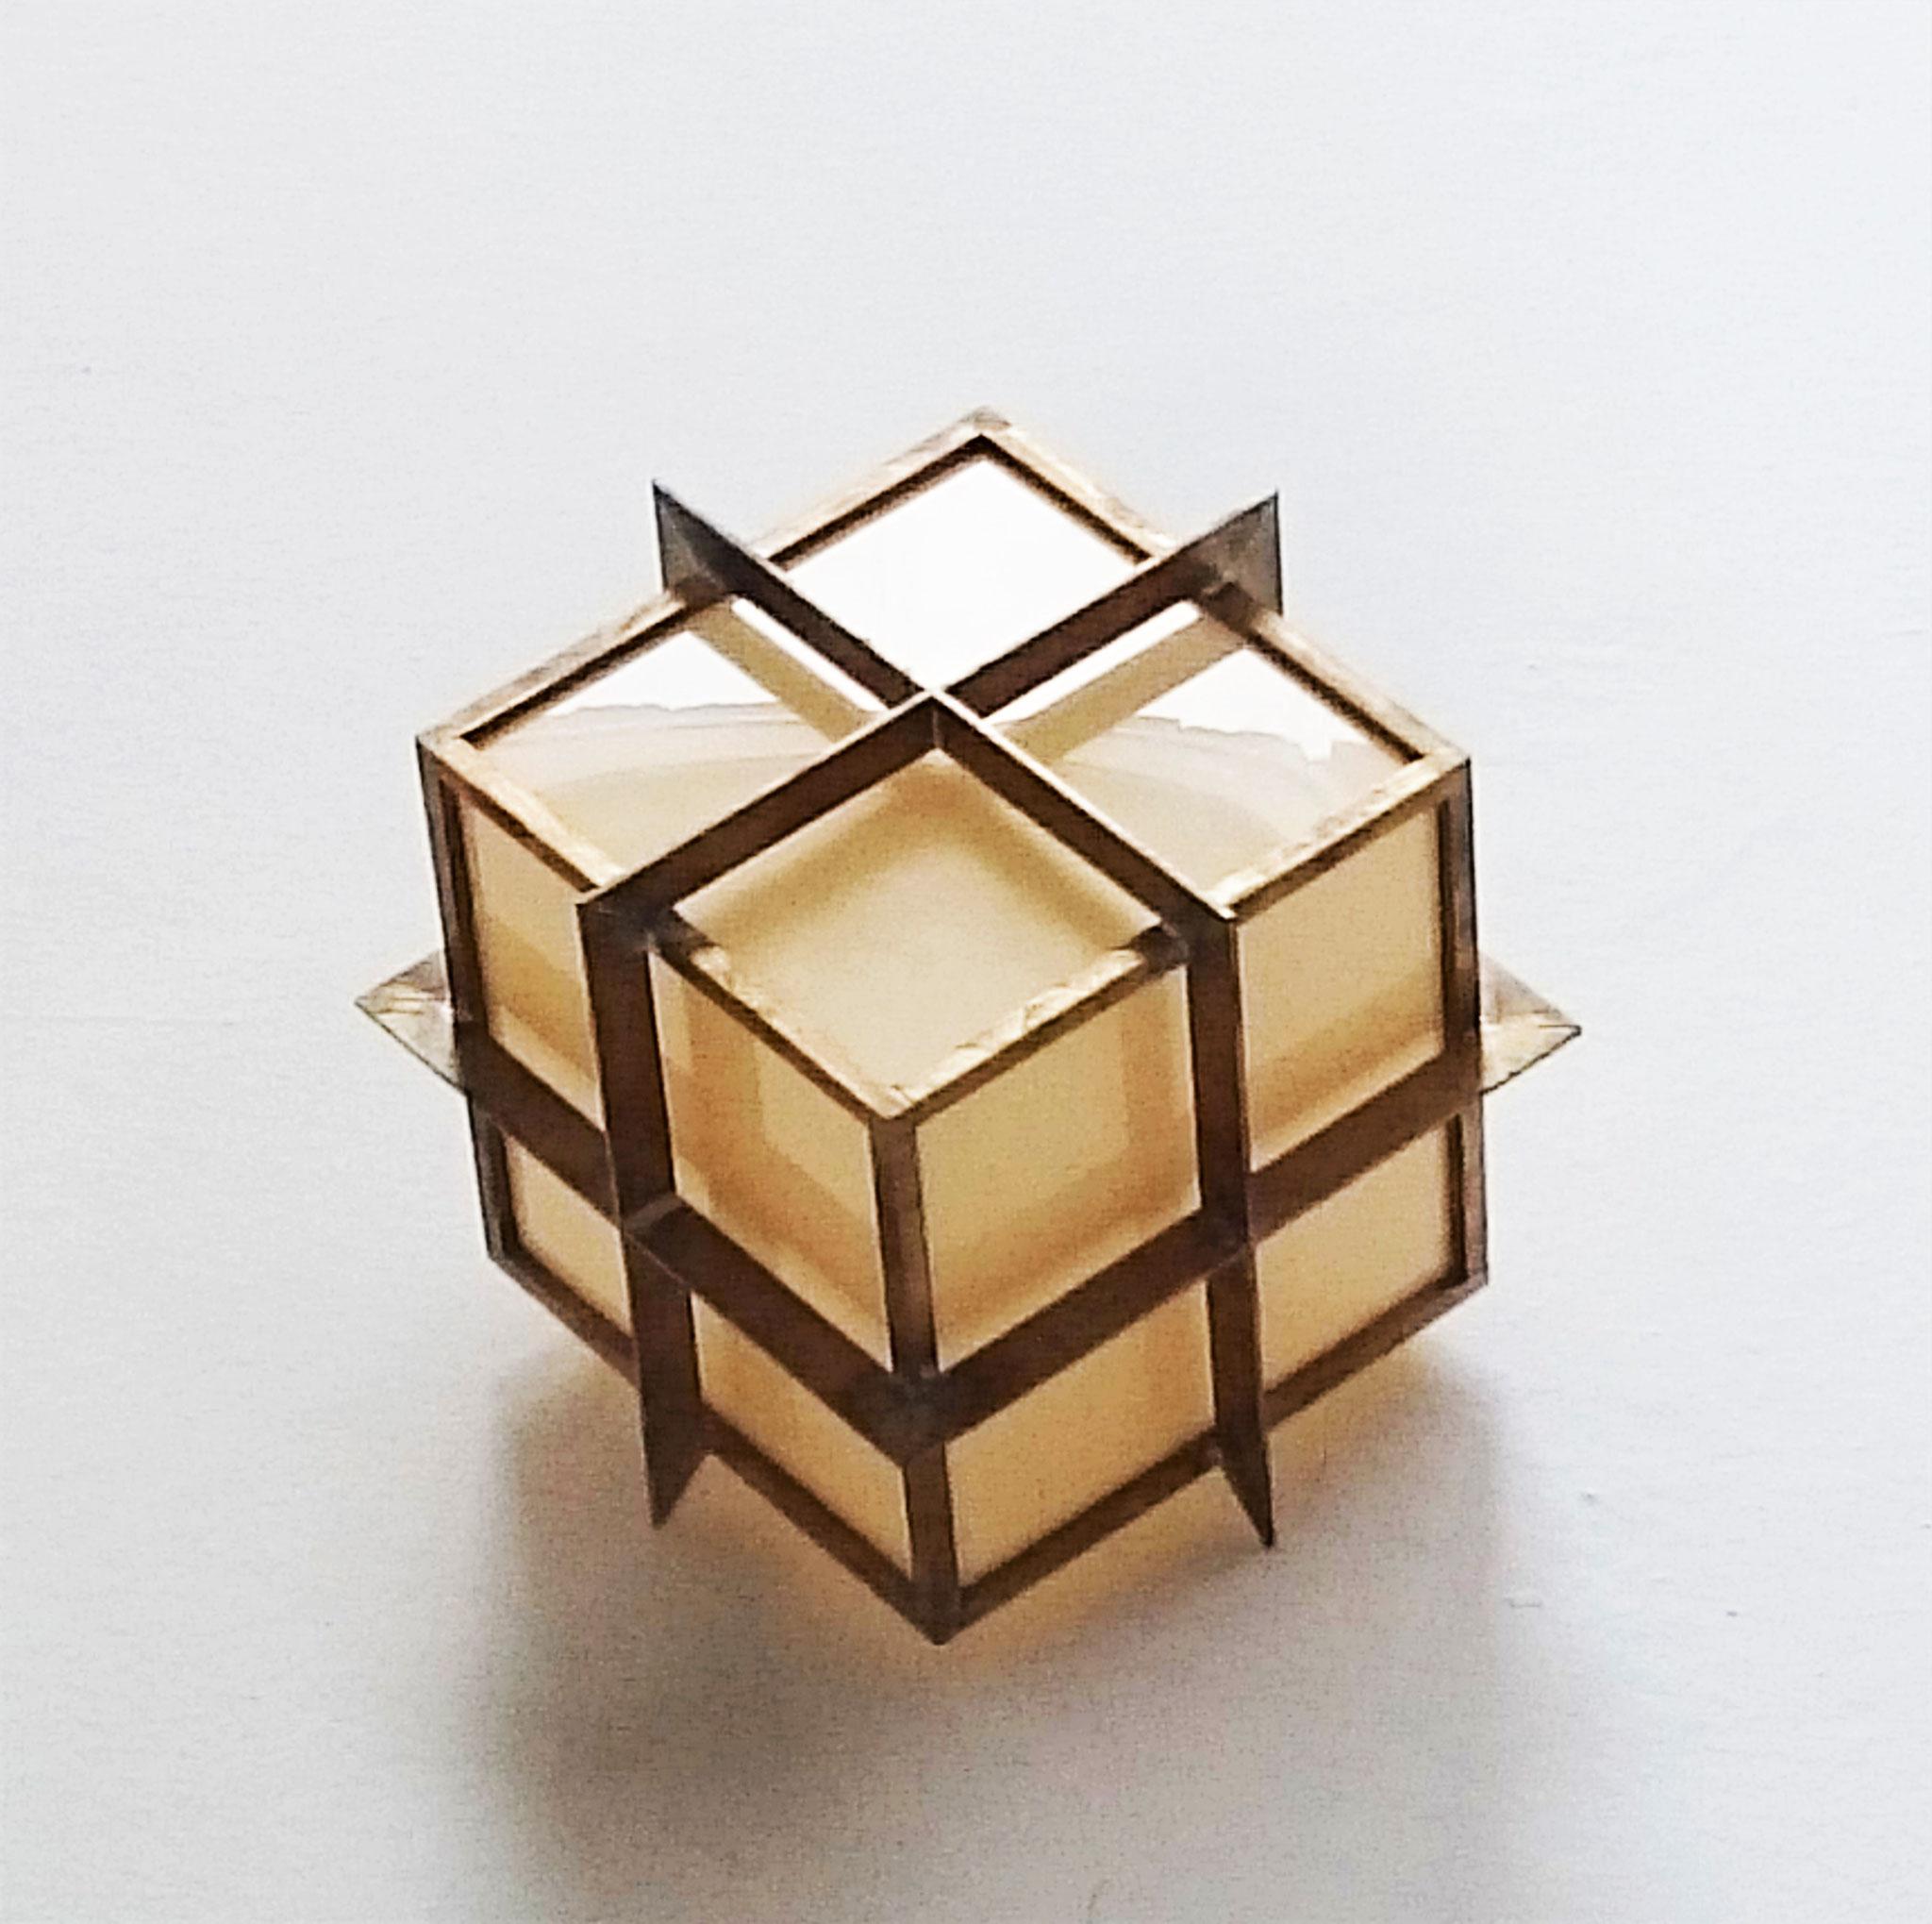 T.No.7 | 18,5 x 18,5x 18,5 cm | brass, acrylic glass